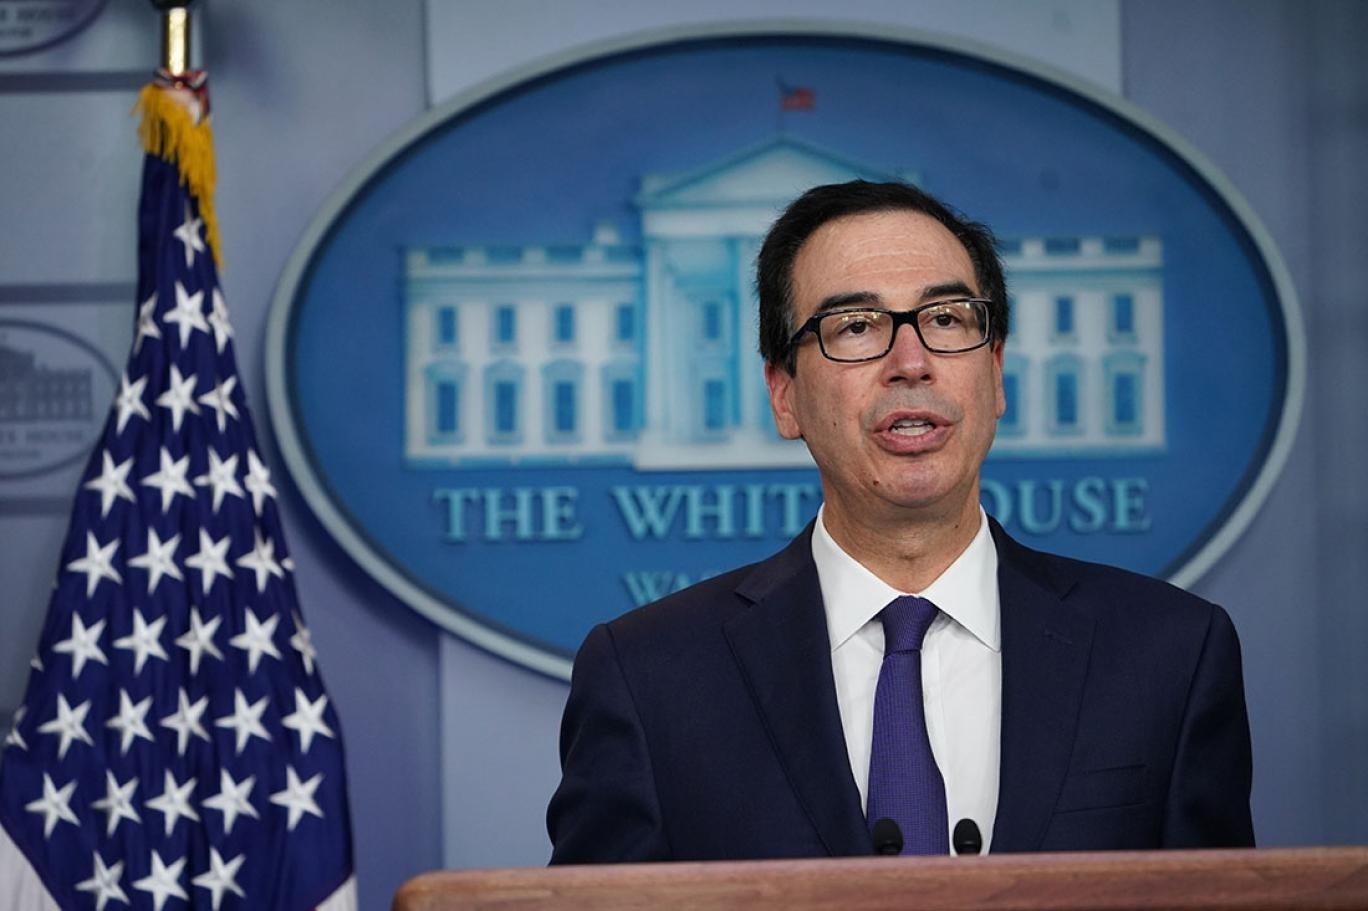 وزير الخزانة الأميركي: عواقب وخيمة تنتظر الصين إن تخلفت عن الاتفاق التجاري